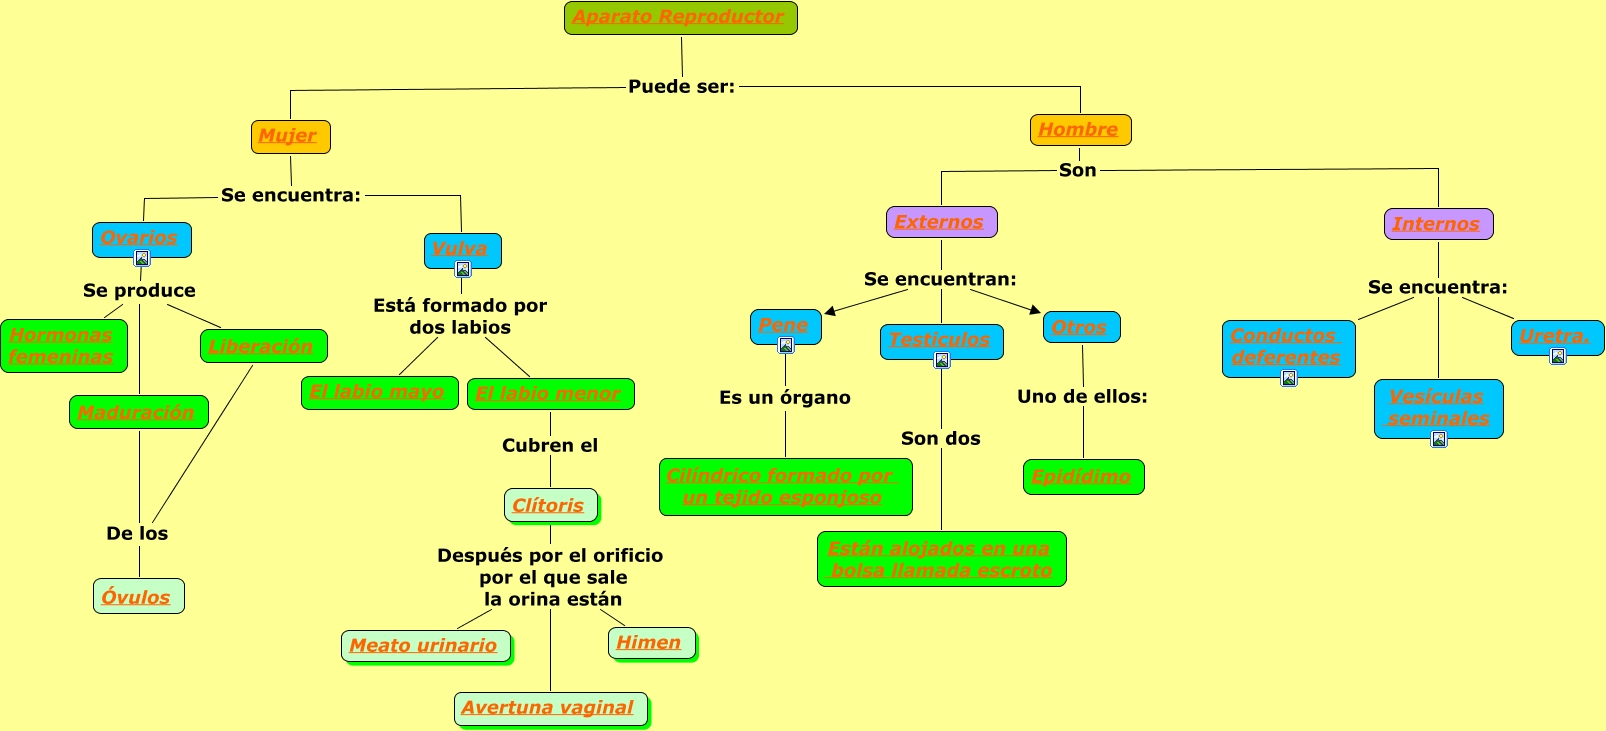 Bonito Diagrama Del Sistema Reproductor Femenino Imagen - Anatomía ...